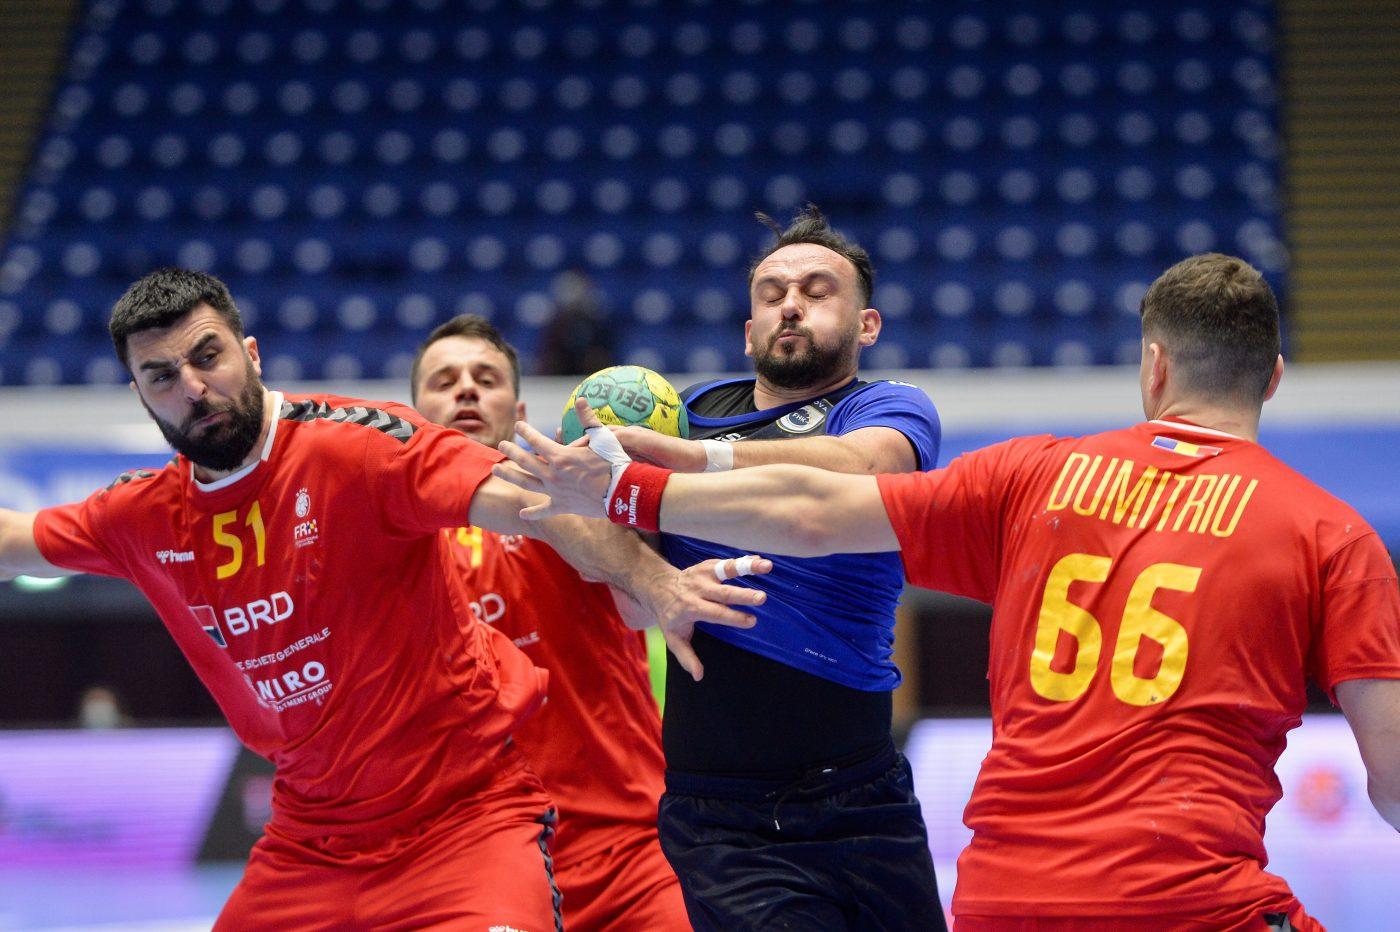 România handbalistică trăiește o adevărată dramă